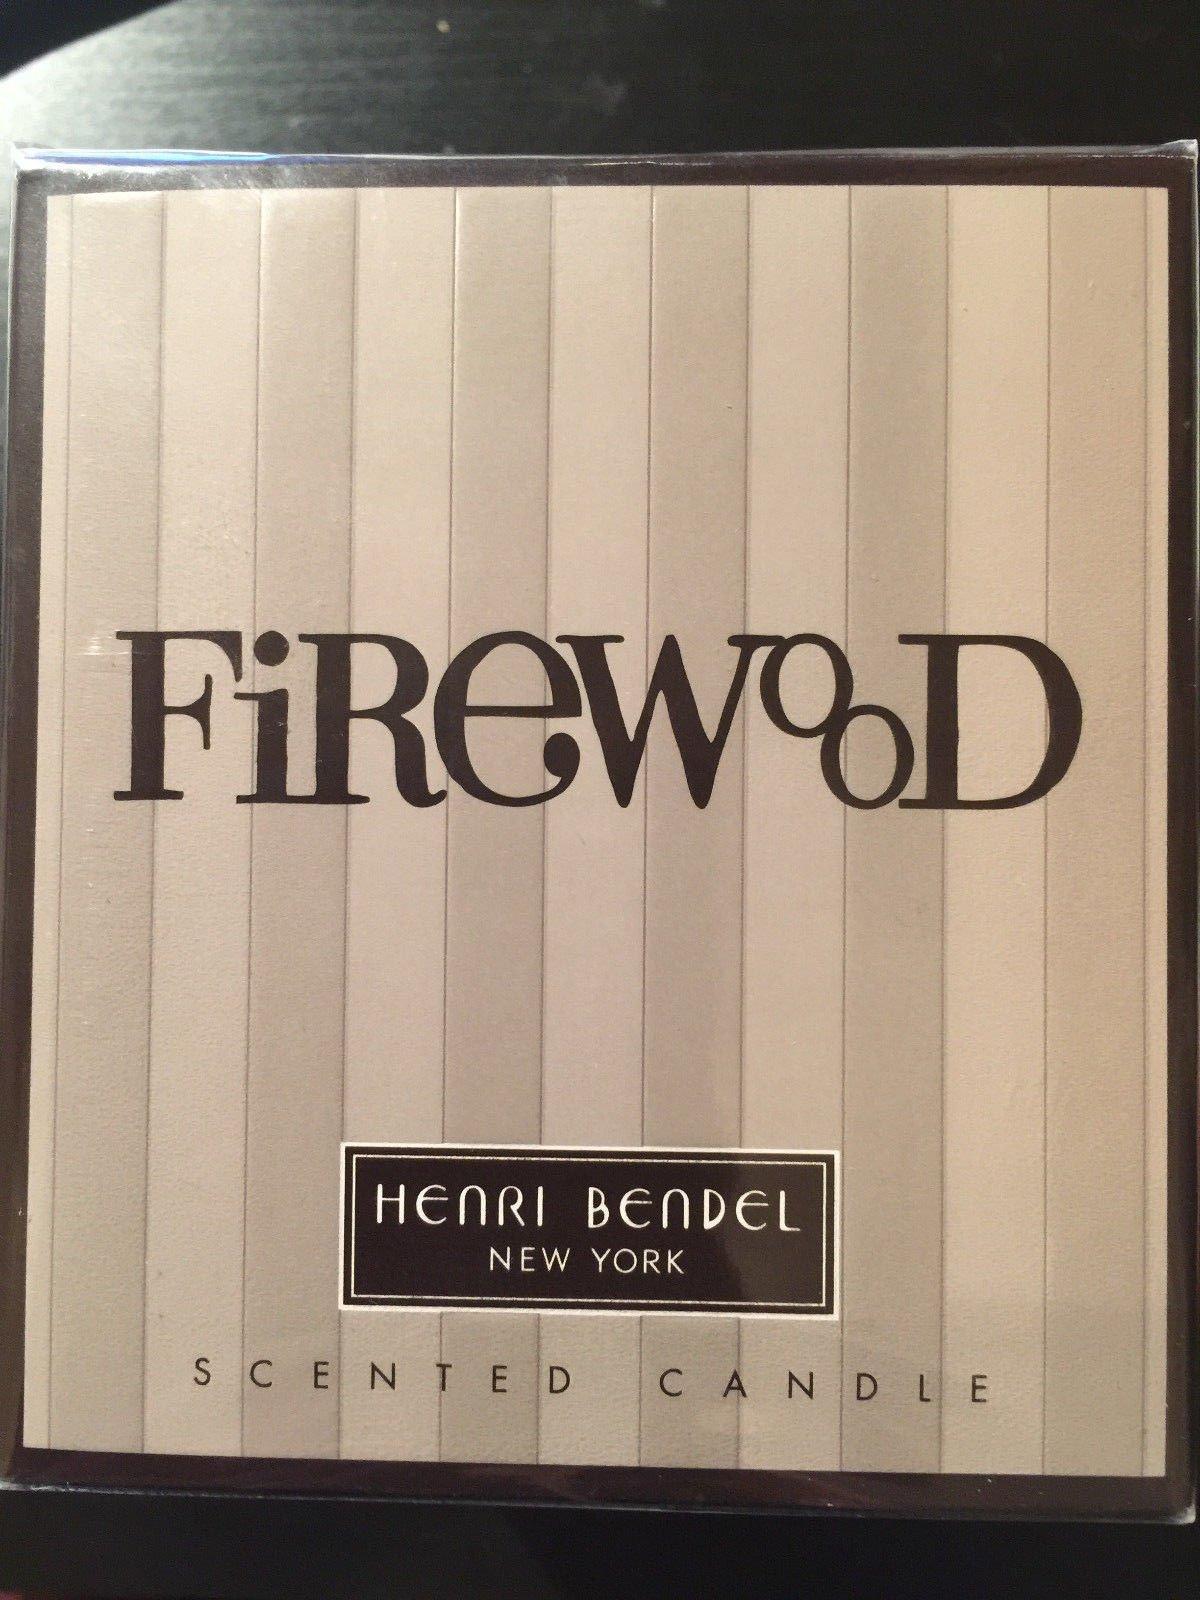 Henri Bendel Firewood Scented Glass Jar Candle 9.4 oz